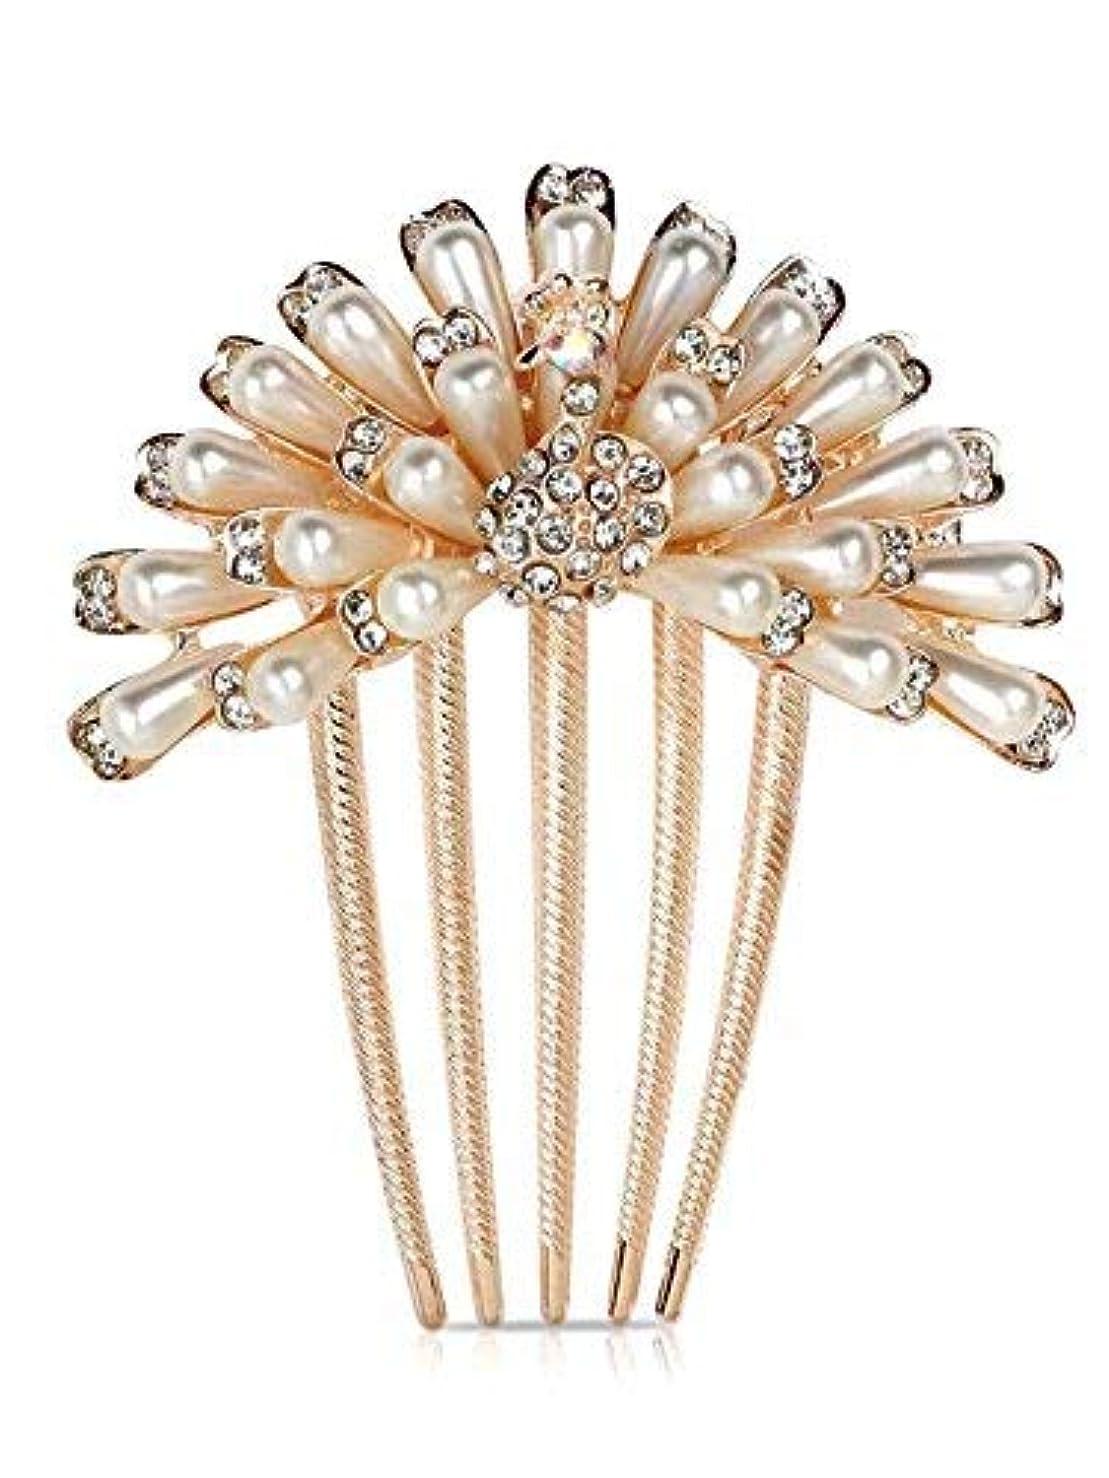 ネックレット沈黙が欲しいAukmla Wedding Hair Combs Bridal Accessories for Women and Girls (Bowknot Style) (Vintage Peacock) [並行輸入品]